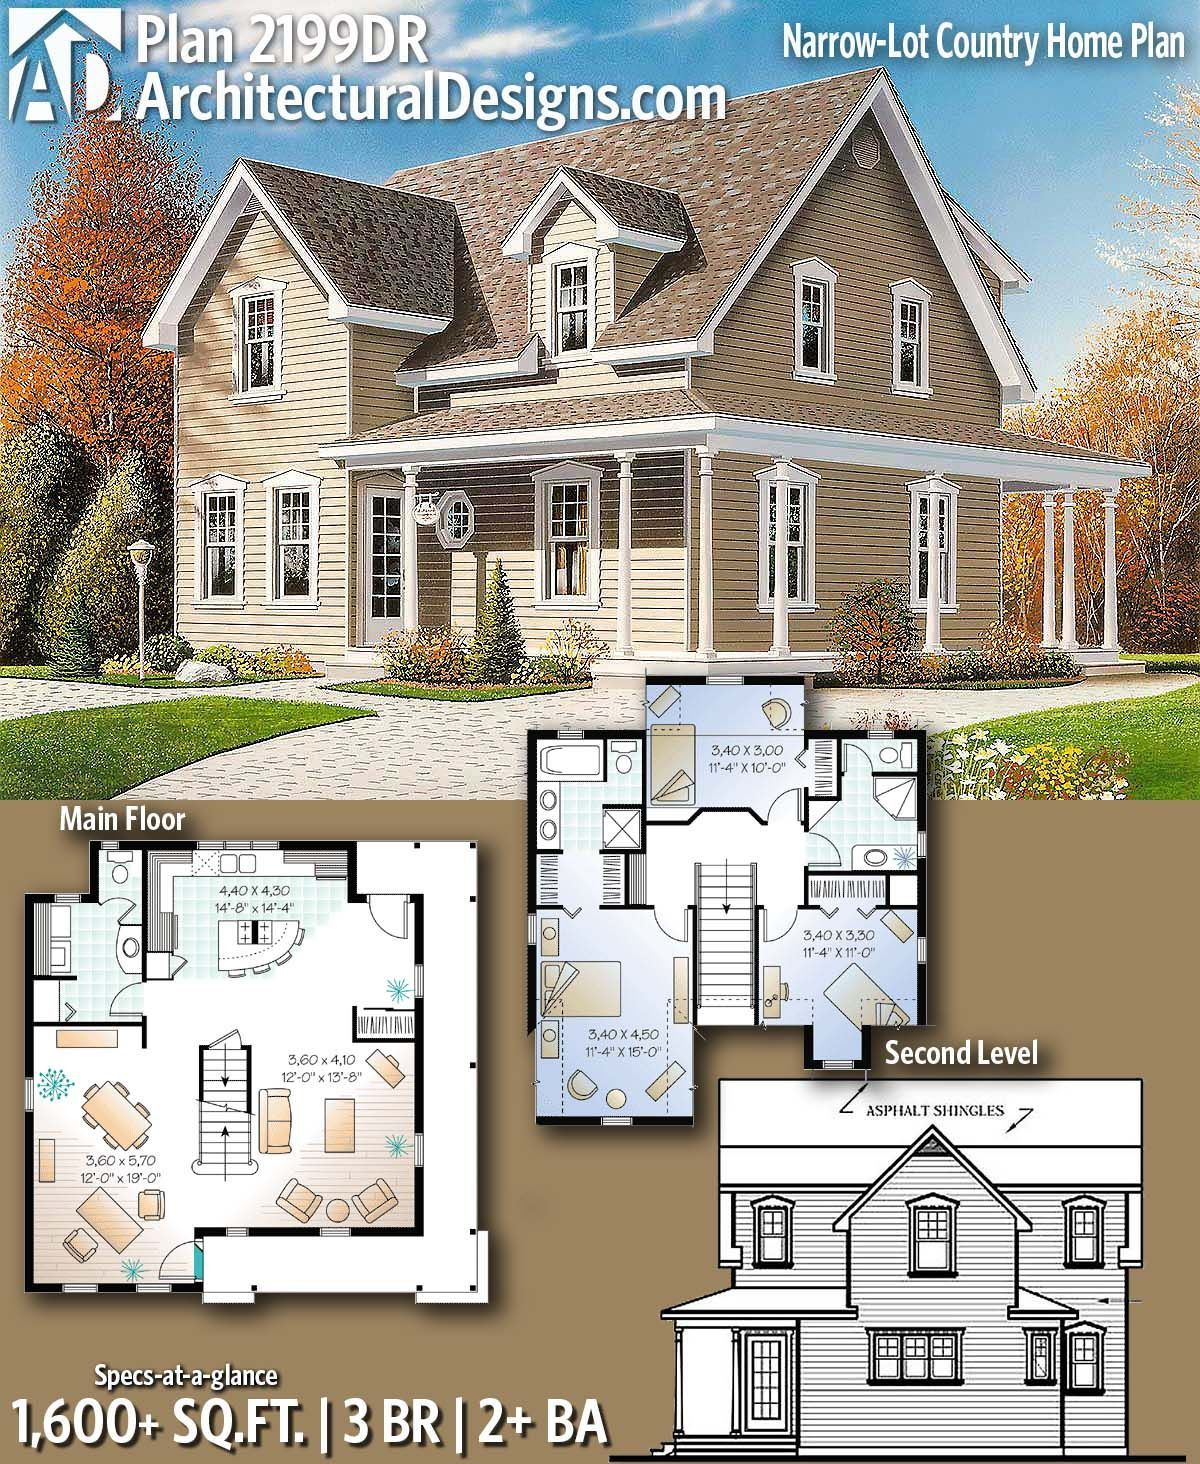 Desain Rumah The Sims 4 : desain, rumah, House, Plans, Small, Country, Homes, Denah, Desain, Rumah,, Rumah, Mewah